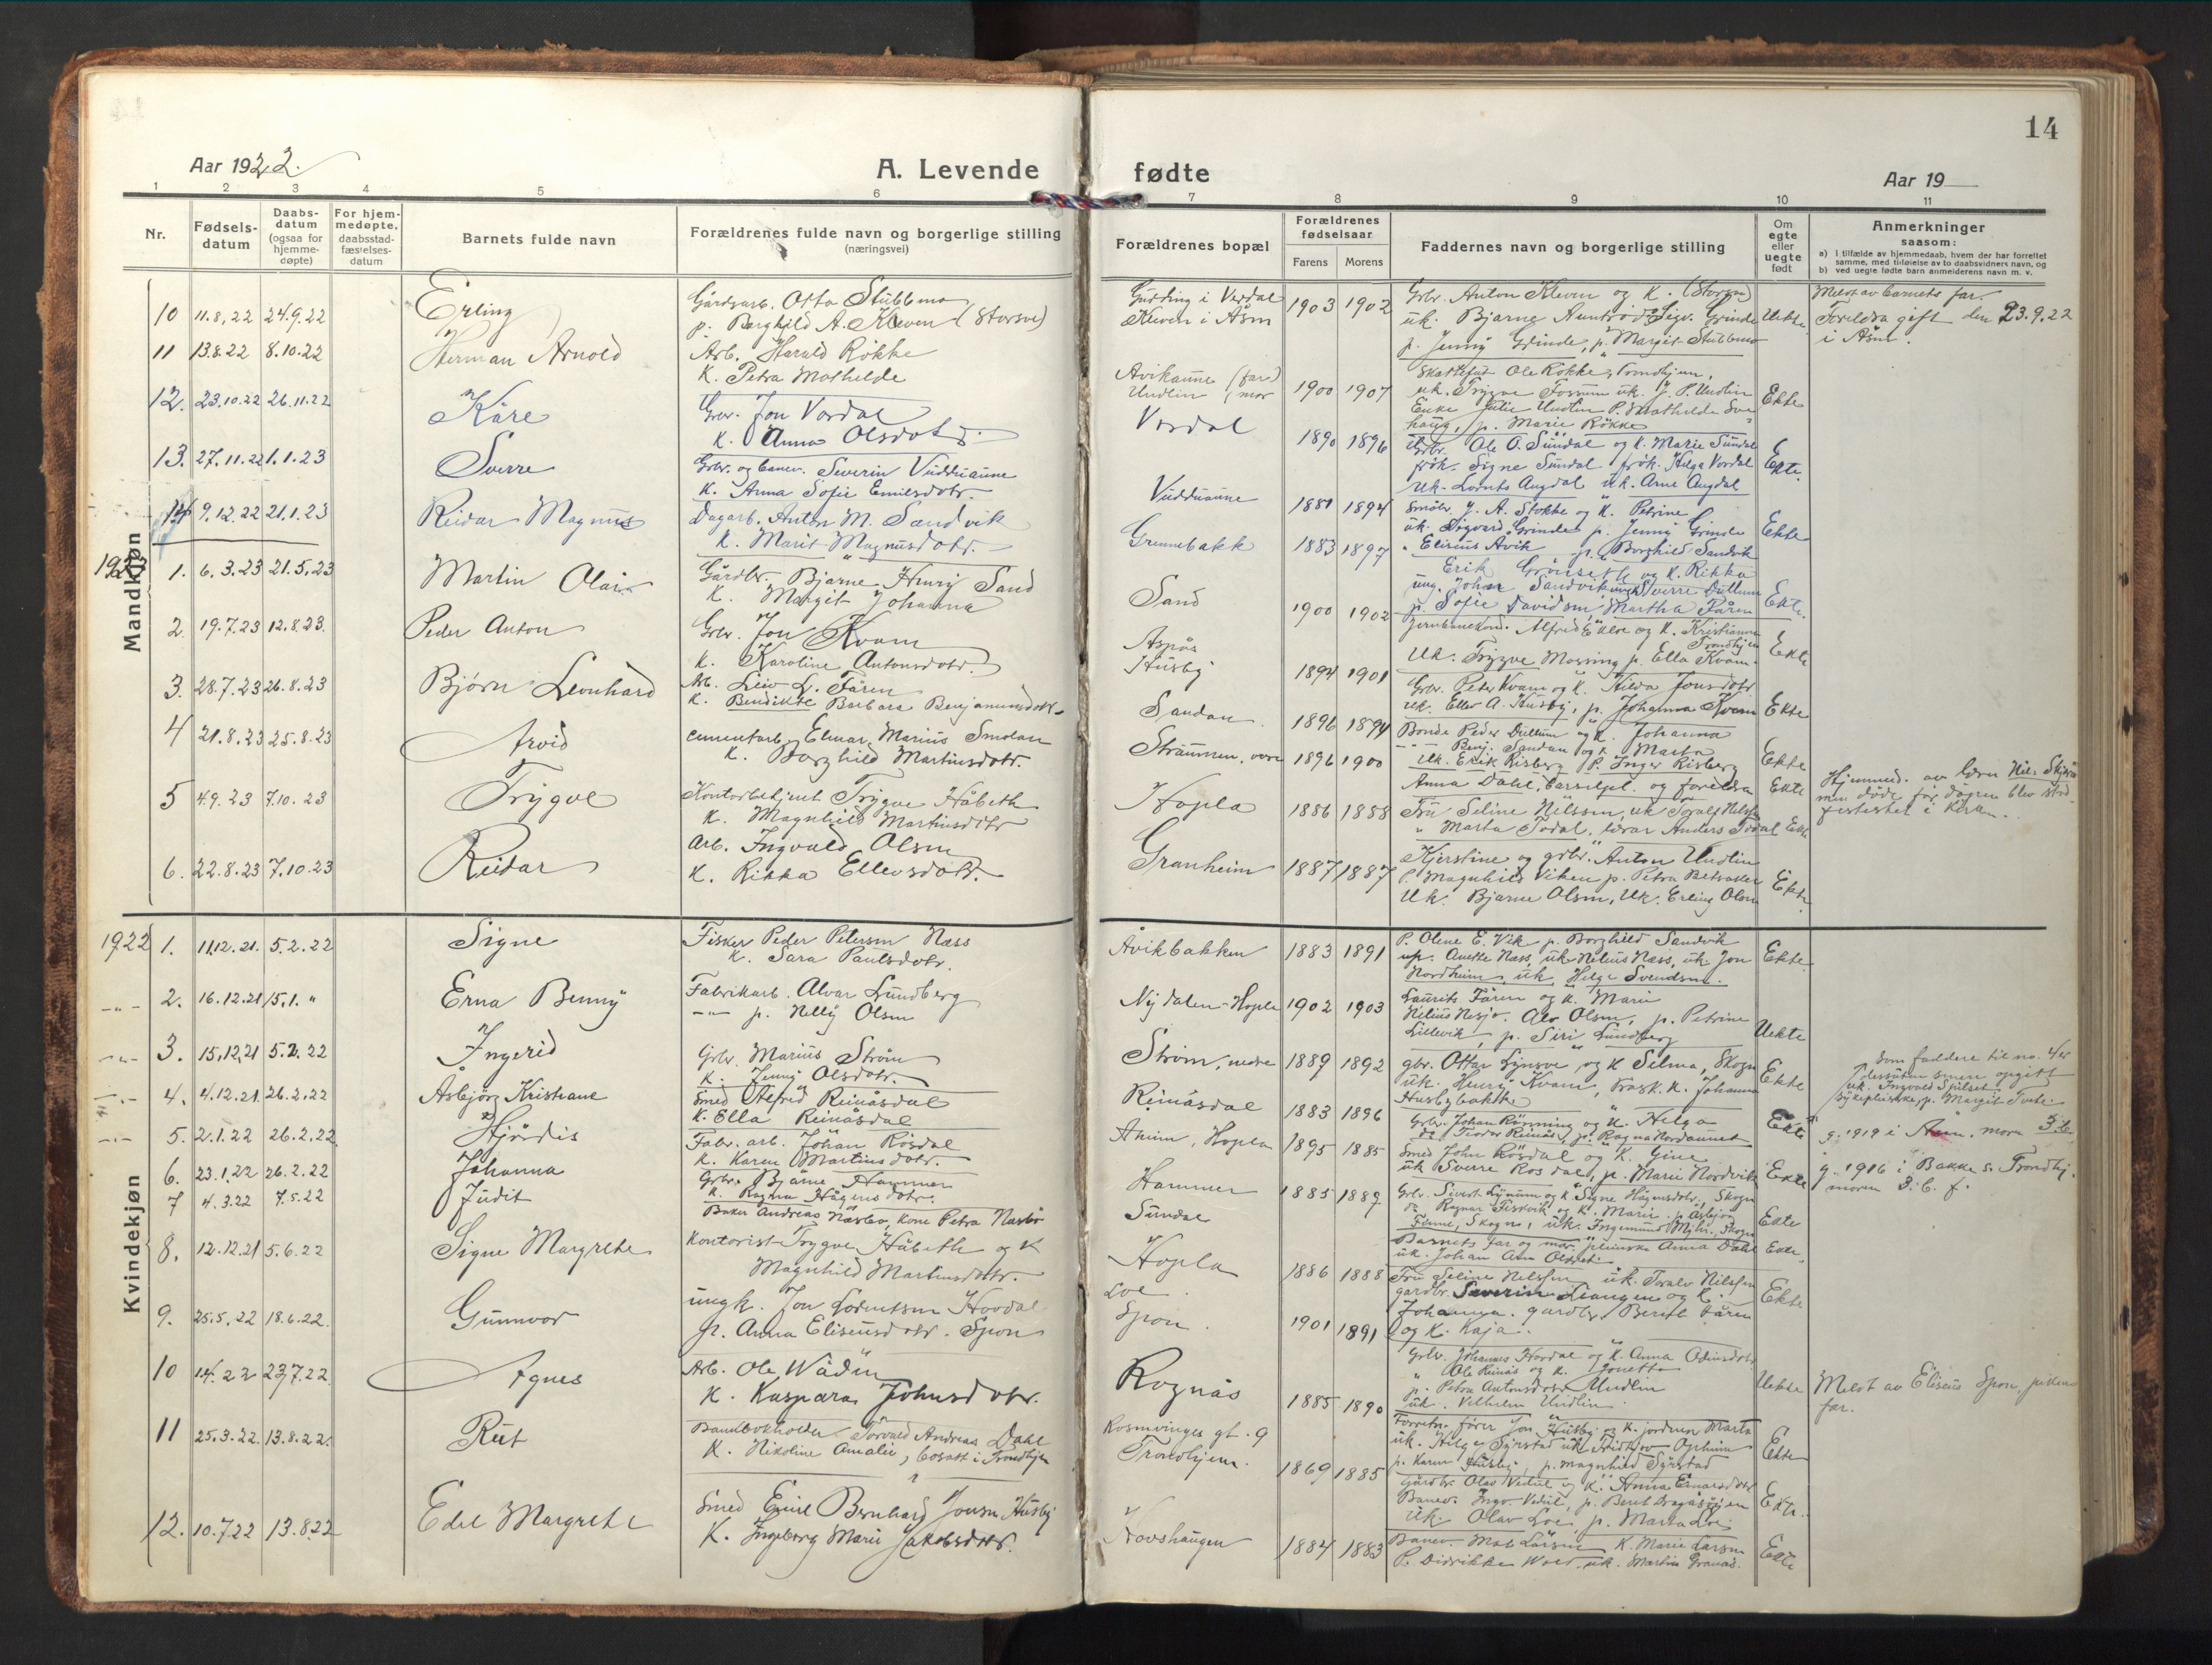 SAT, Ministerialprotokoller, klokkerbøker og fødselsregistre - Nord-Trøndelag, 714/L0136: Klokkerbok nr. 714C05, 1918-1957, s. 14